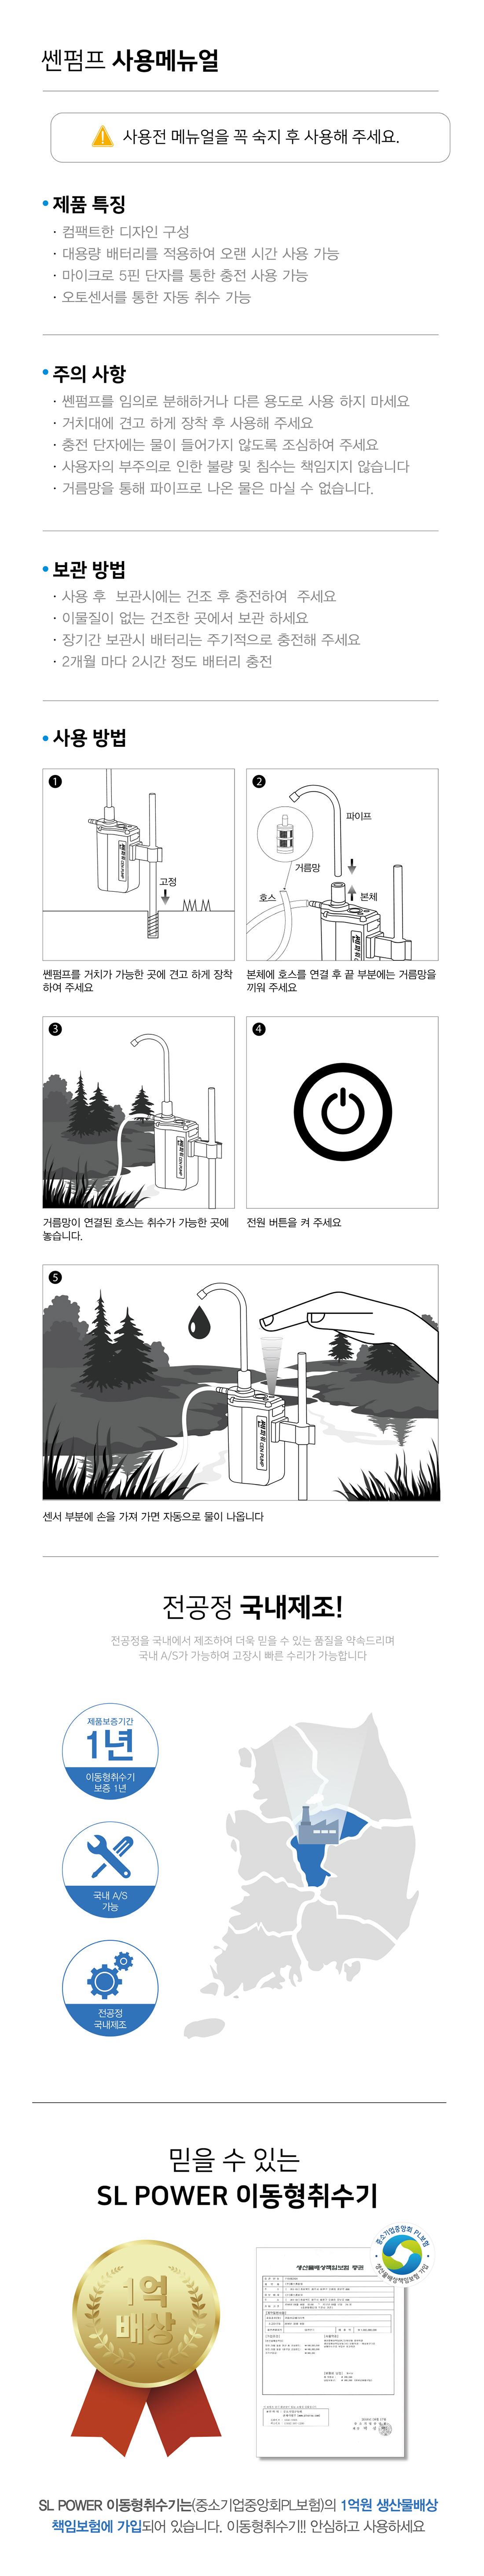 쎈파워 쎈펌프(CEN PUMP) (이동형 취수기) (MADE IN KOREA) 좌대펌프취수기 양수기 물펌프 이동취수기 충전취수기 자동물펌프 손세척 떡밥물조절 좌대청소 낚시에최적화된이동형취수기 SLPOWER SL파워 좌대낚시 빙어낚시 얼음낚시 해빙 결빙방지